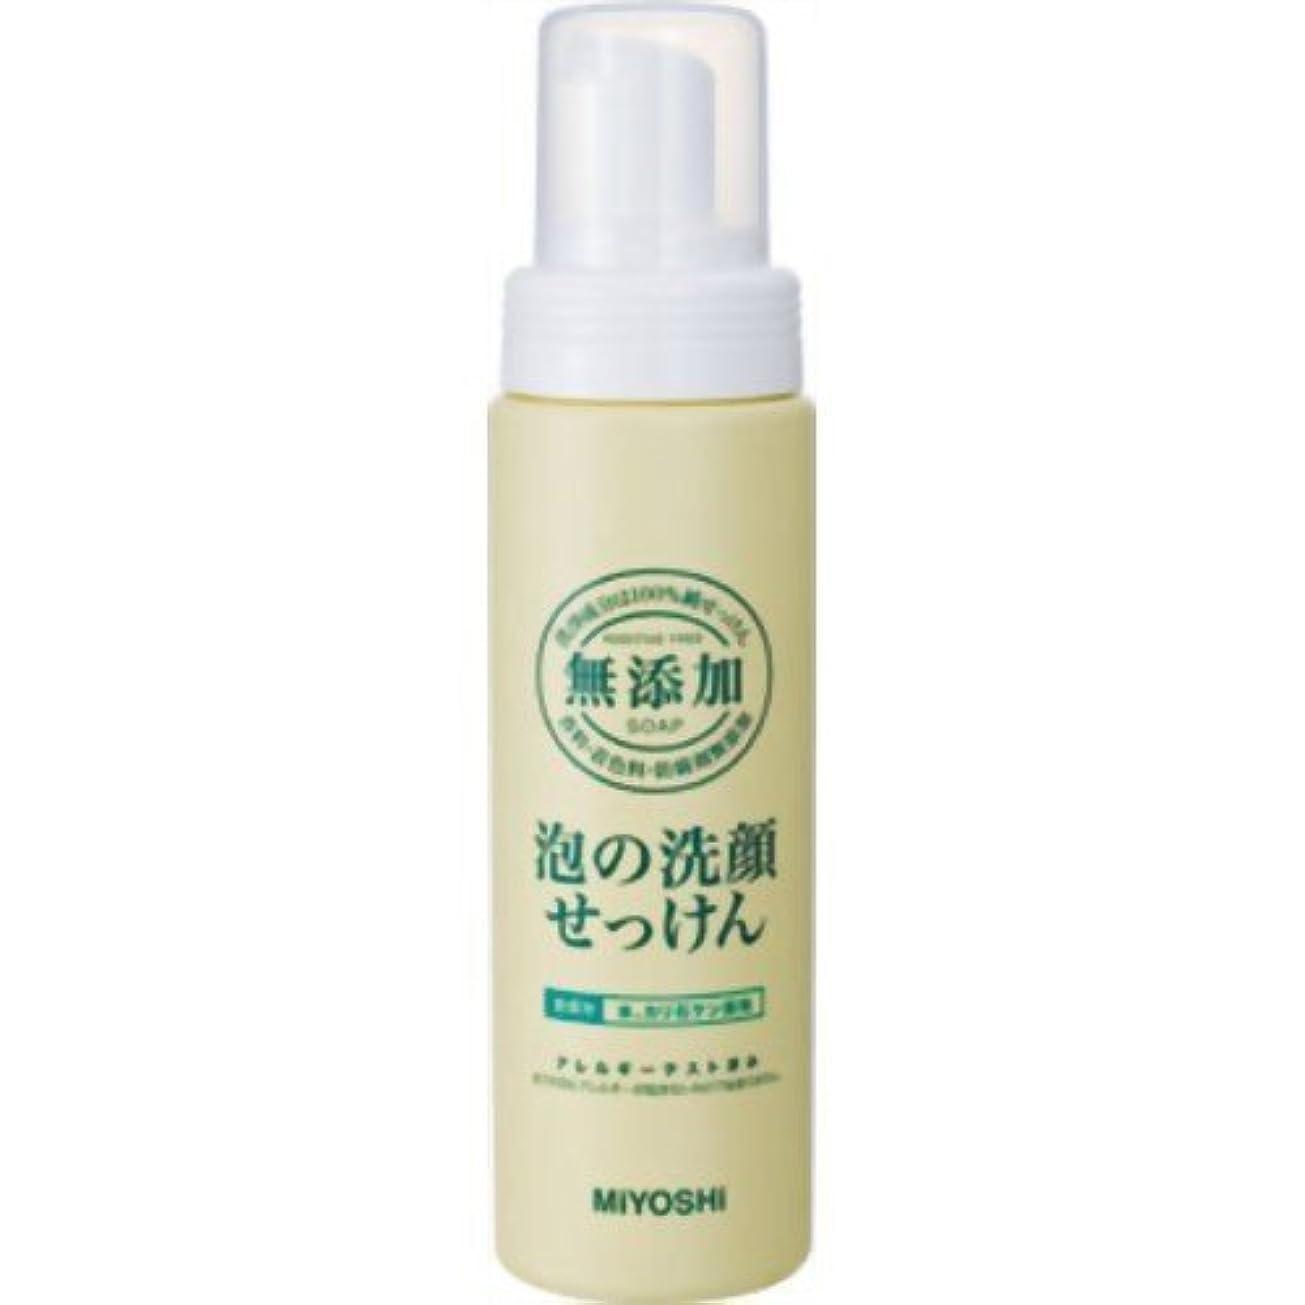 輝く商標お互い無添加泡の洗顔せっけんポンプボトル × 3個セット